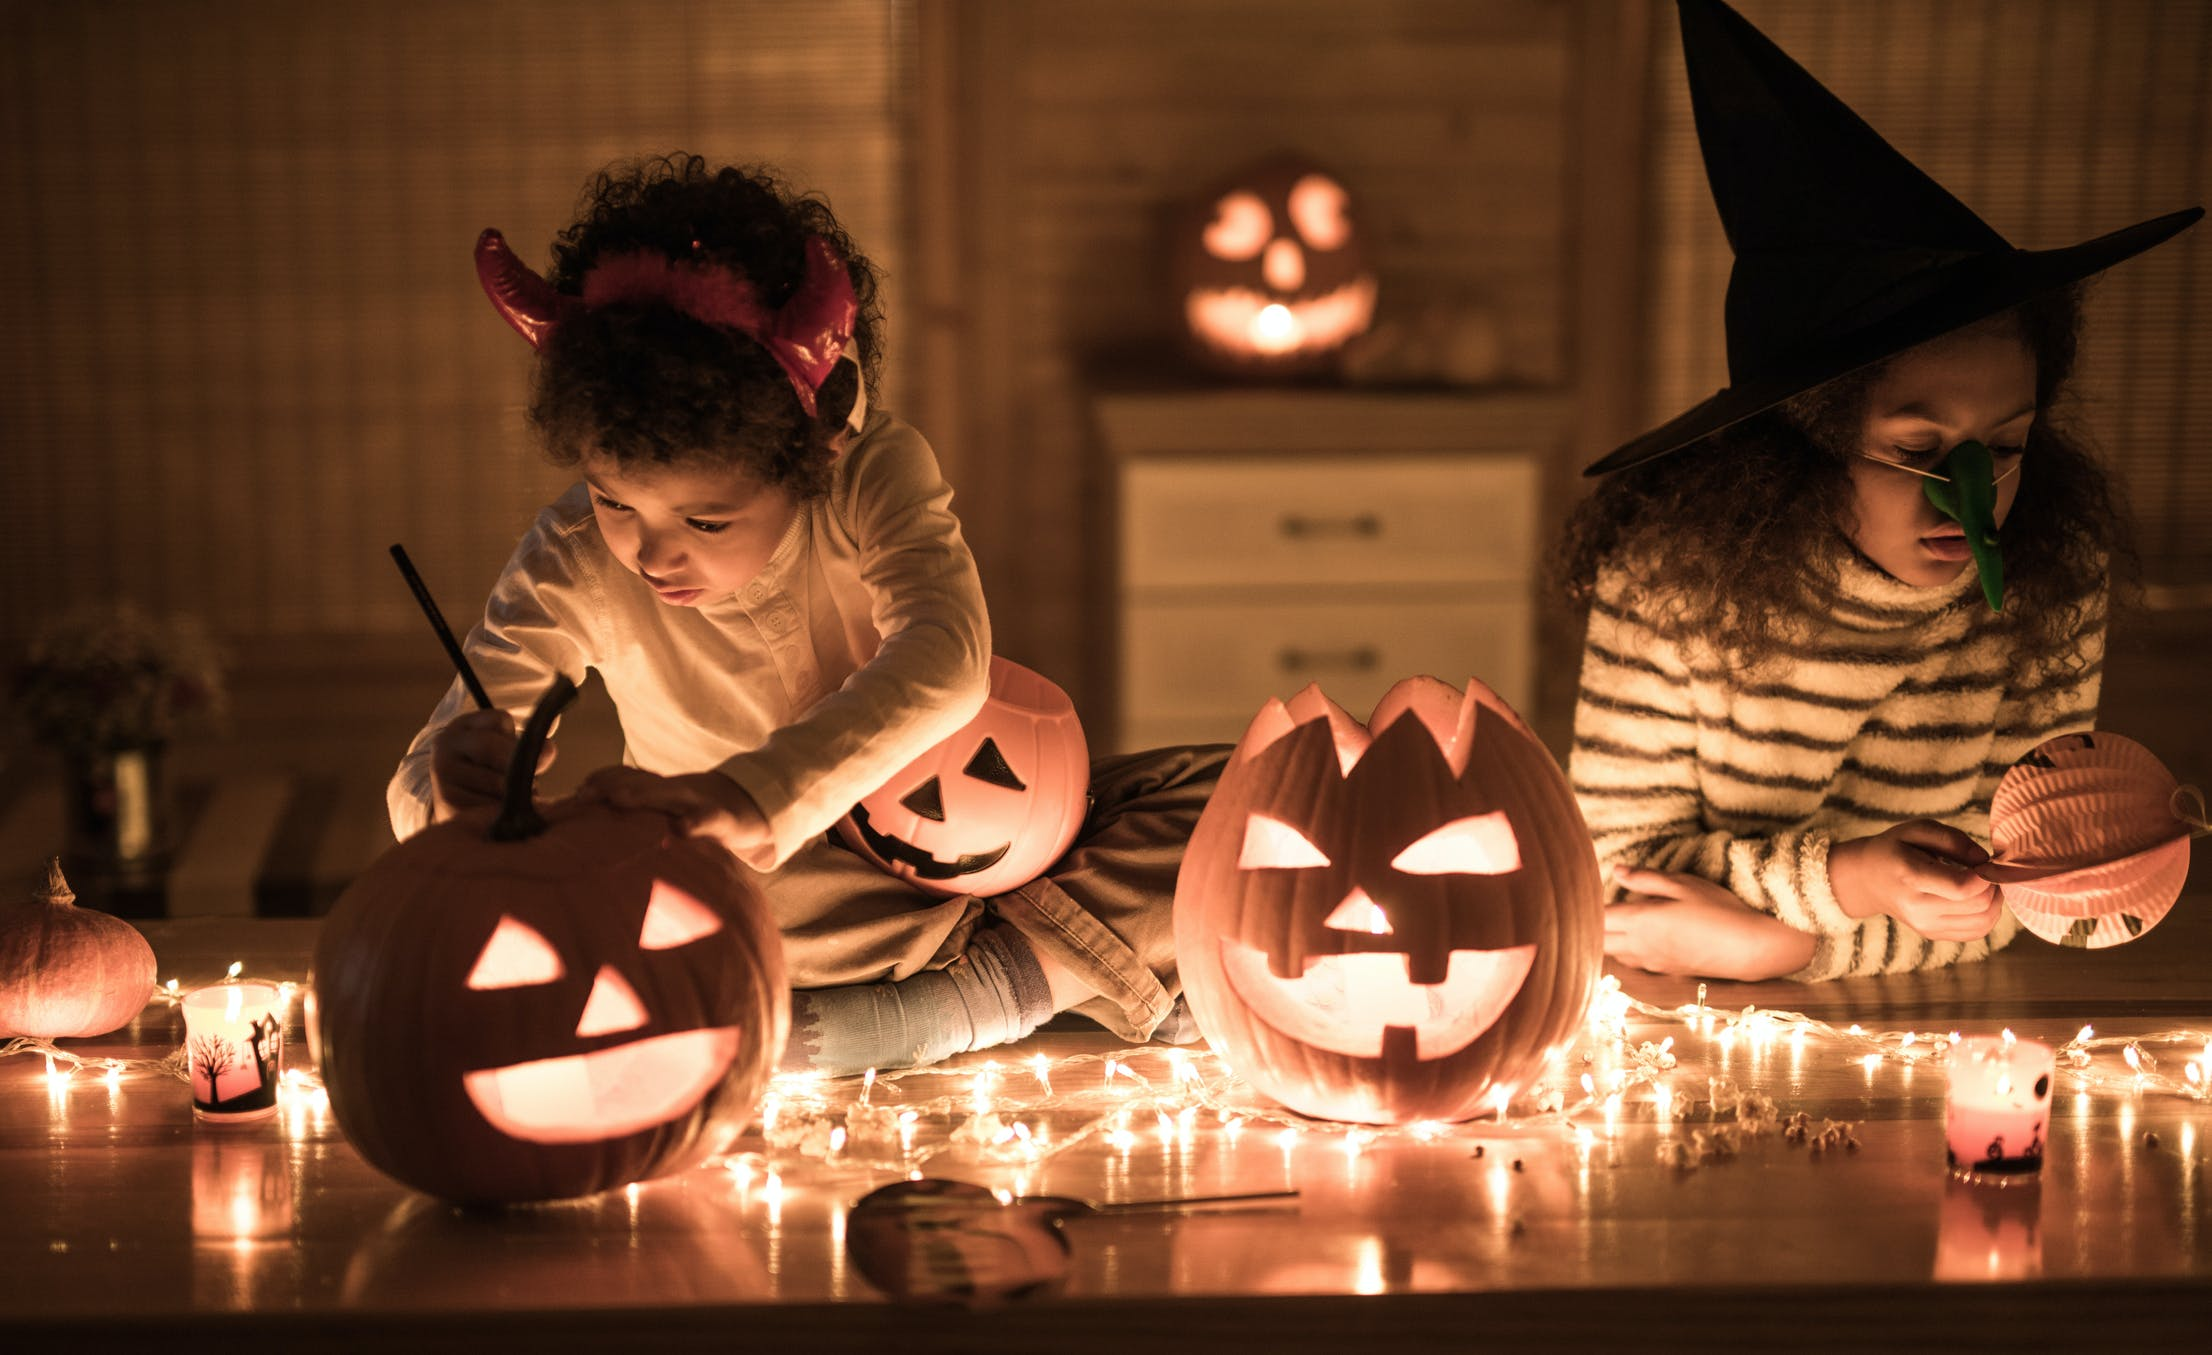 Quand Est Ce Halloween.Origine Et Definition D Halloween Momes Net